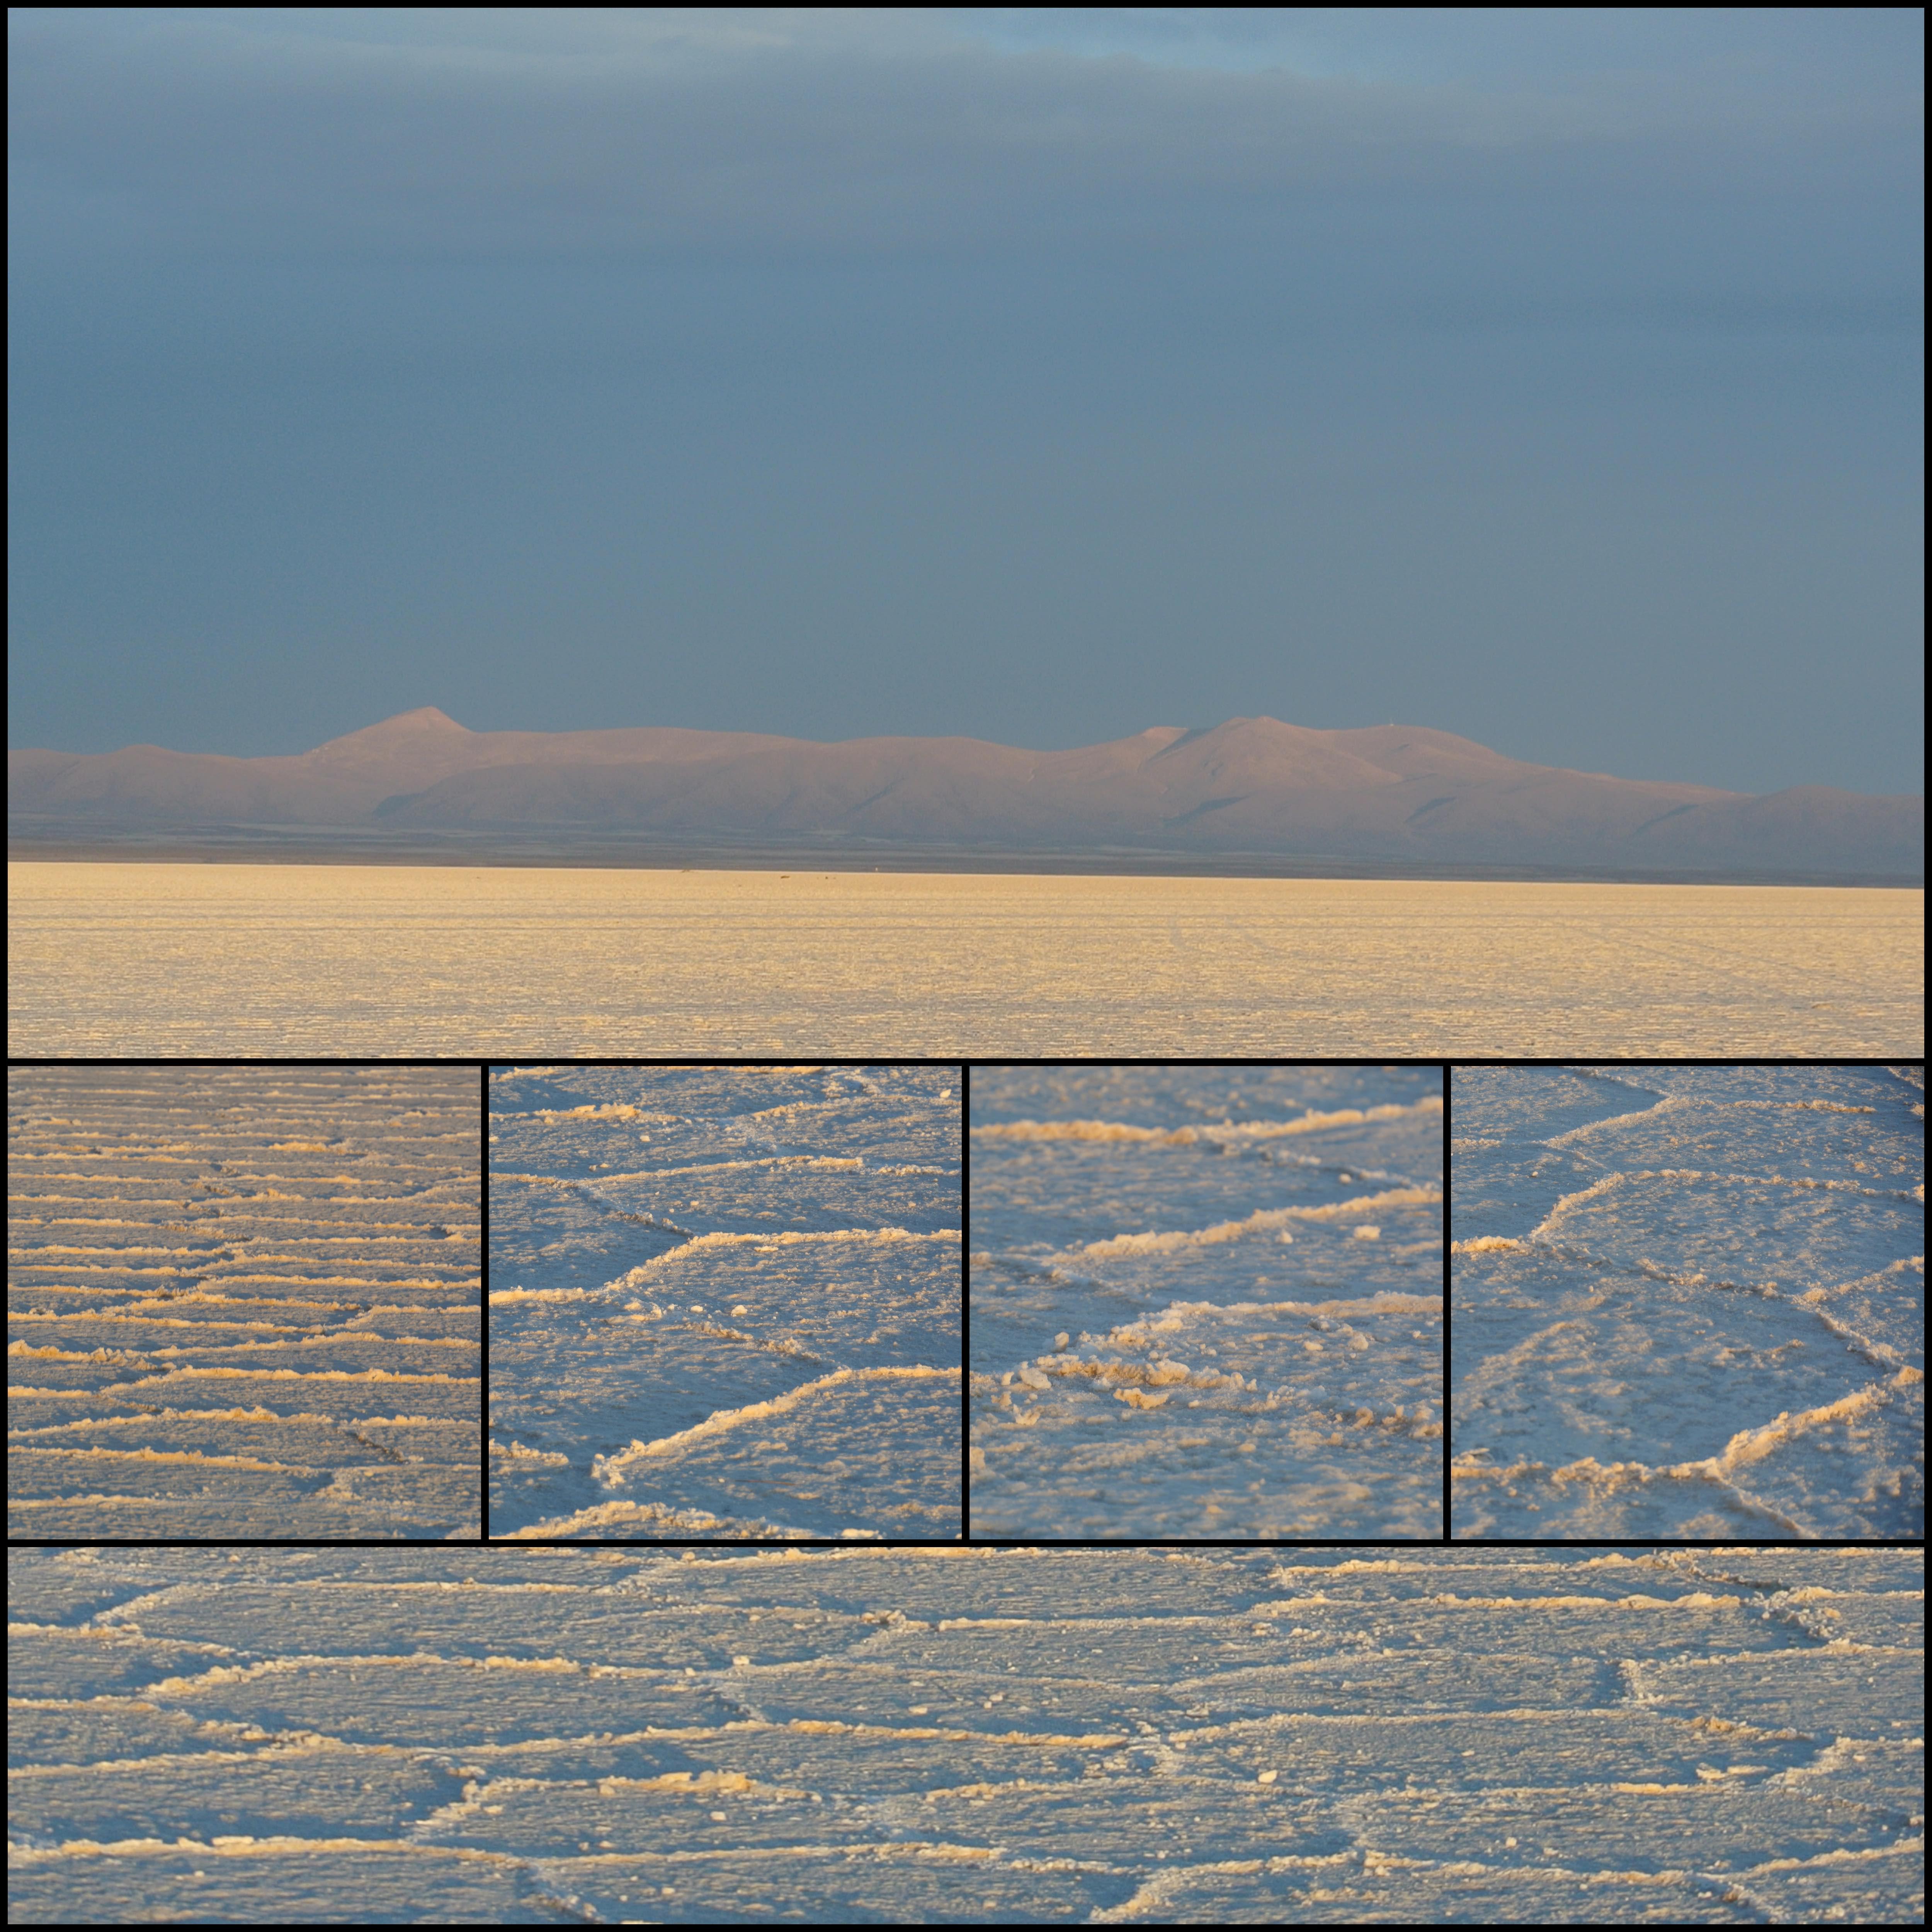 052 1610 Salar de Uyuni Tag 3 8jpeg